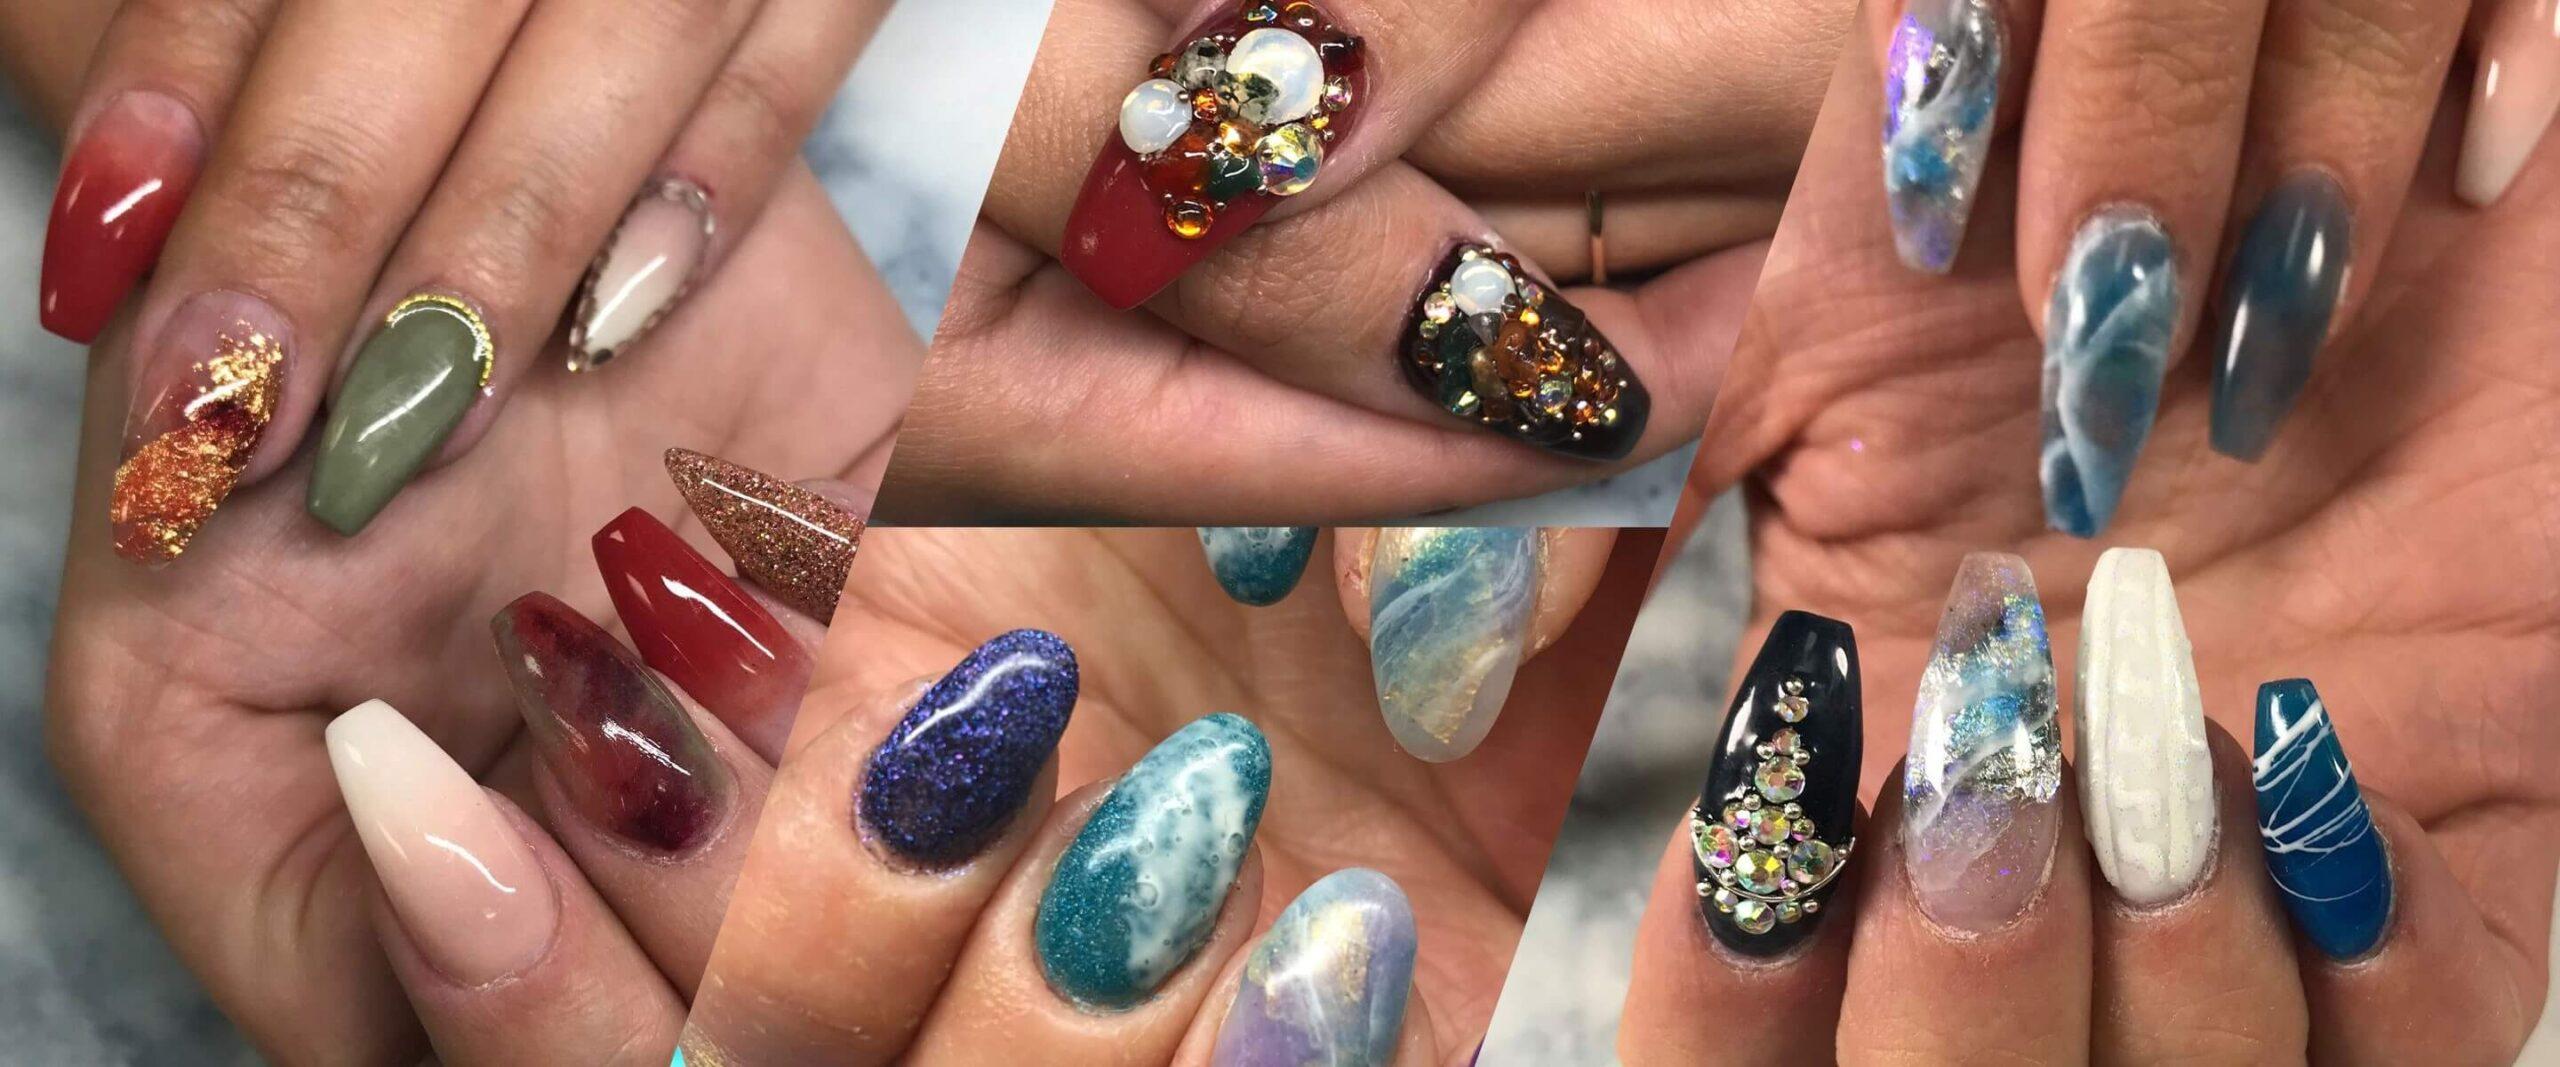 formation gratuite nail art